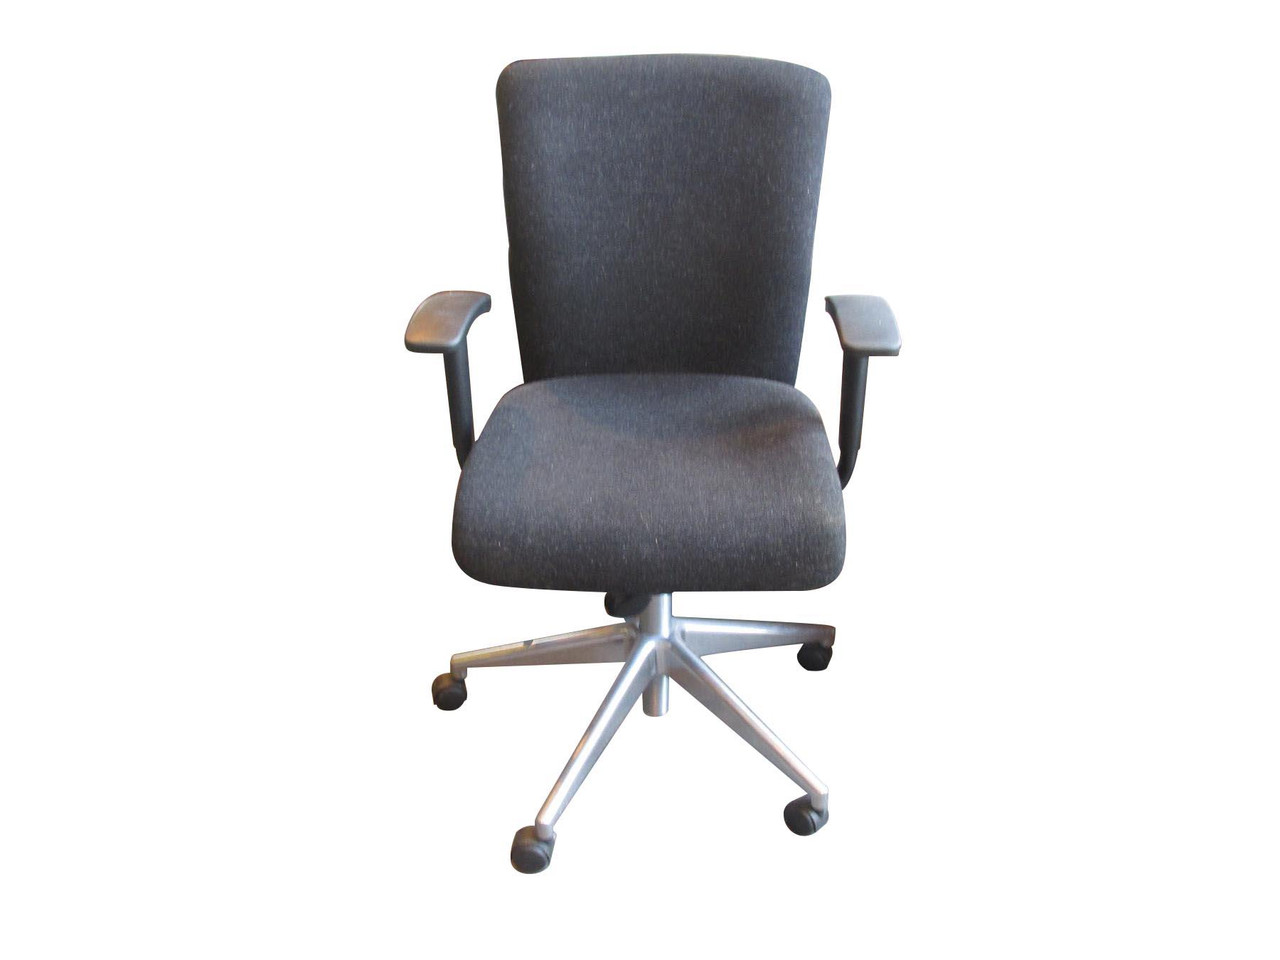 Pleasant Orangebox Go 01A Black Operator Chair 1Aa 4Fd 25F Inzonedesignstudio Interior Chair Design Inzonedesignstudiocom